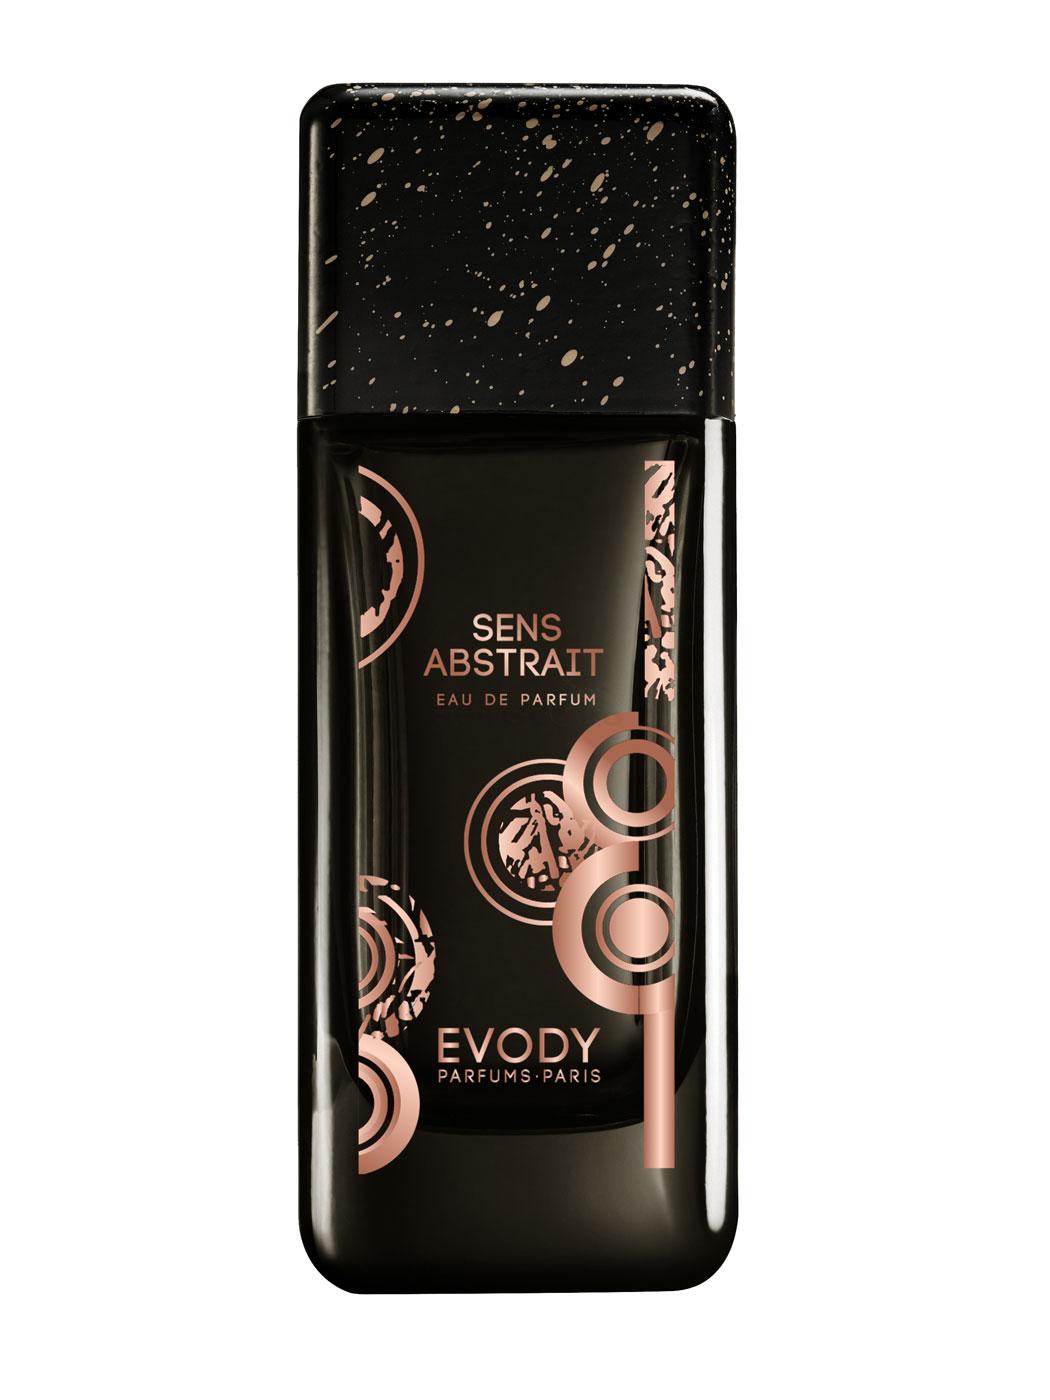 Evody - Collection Galerie - Sens Abstrait Eau de Parfum 100ml